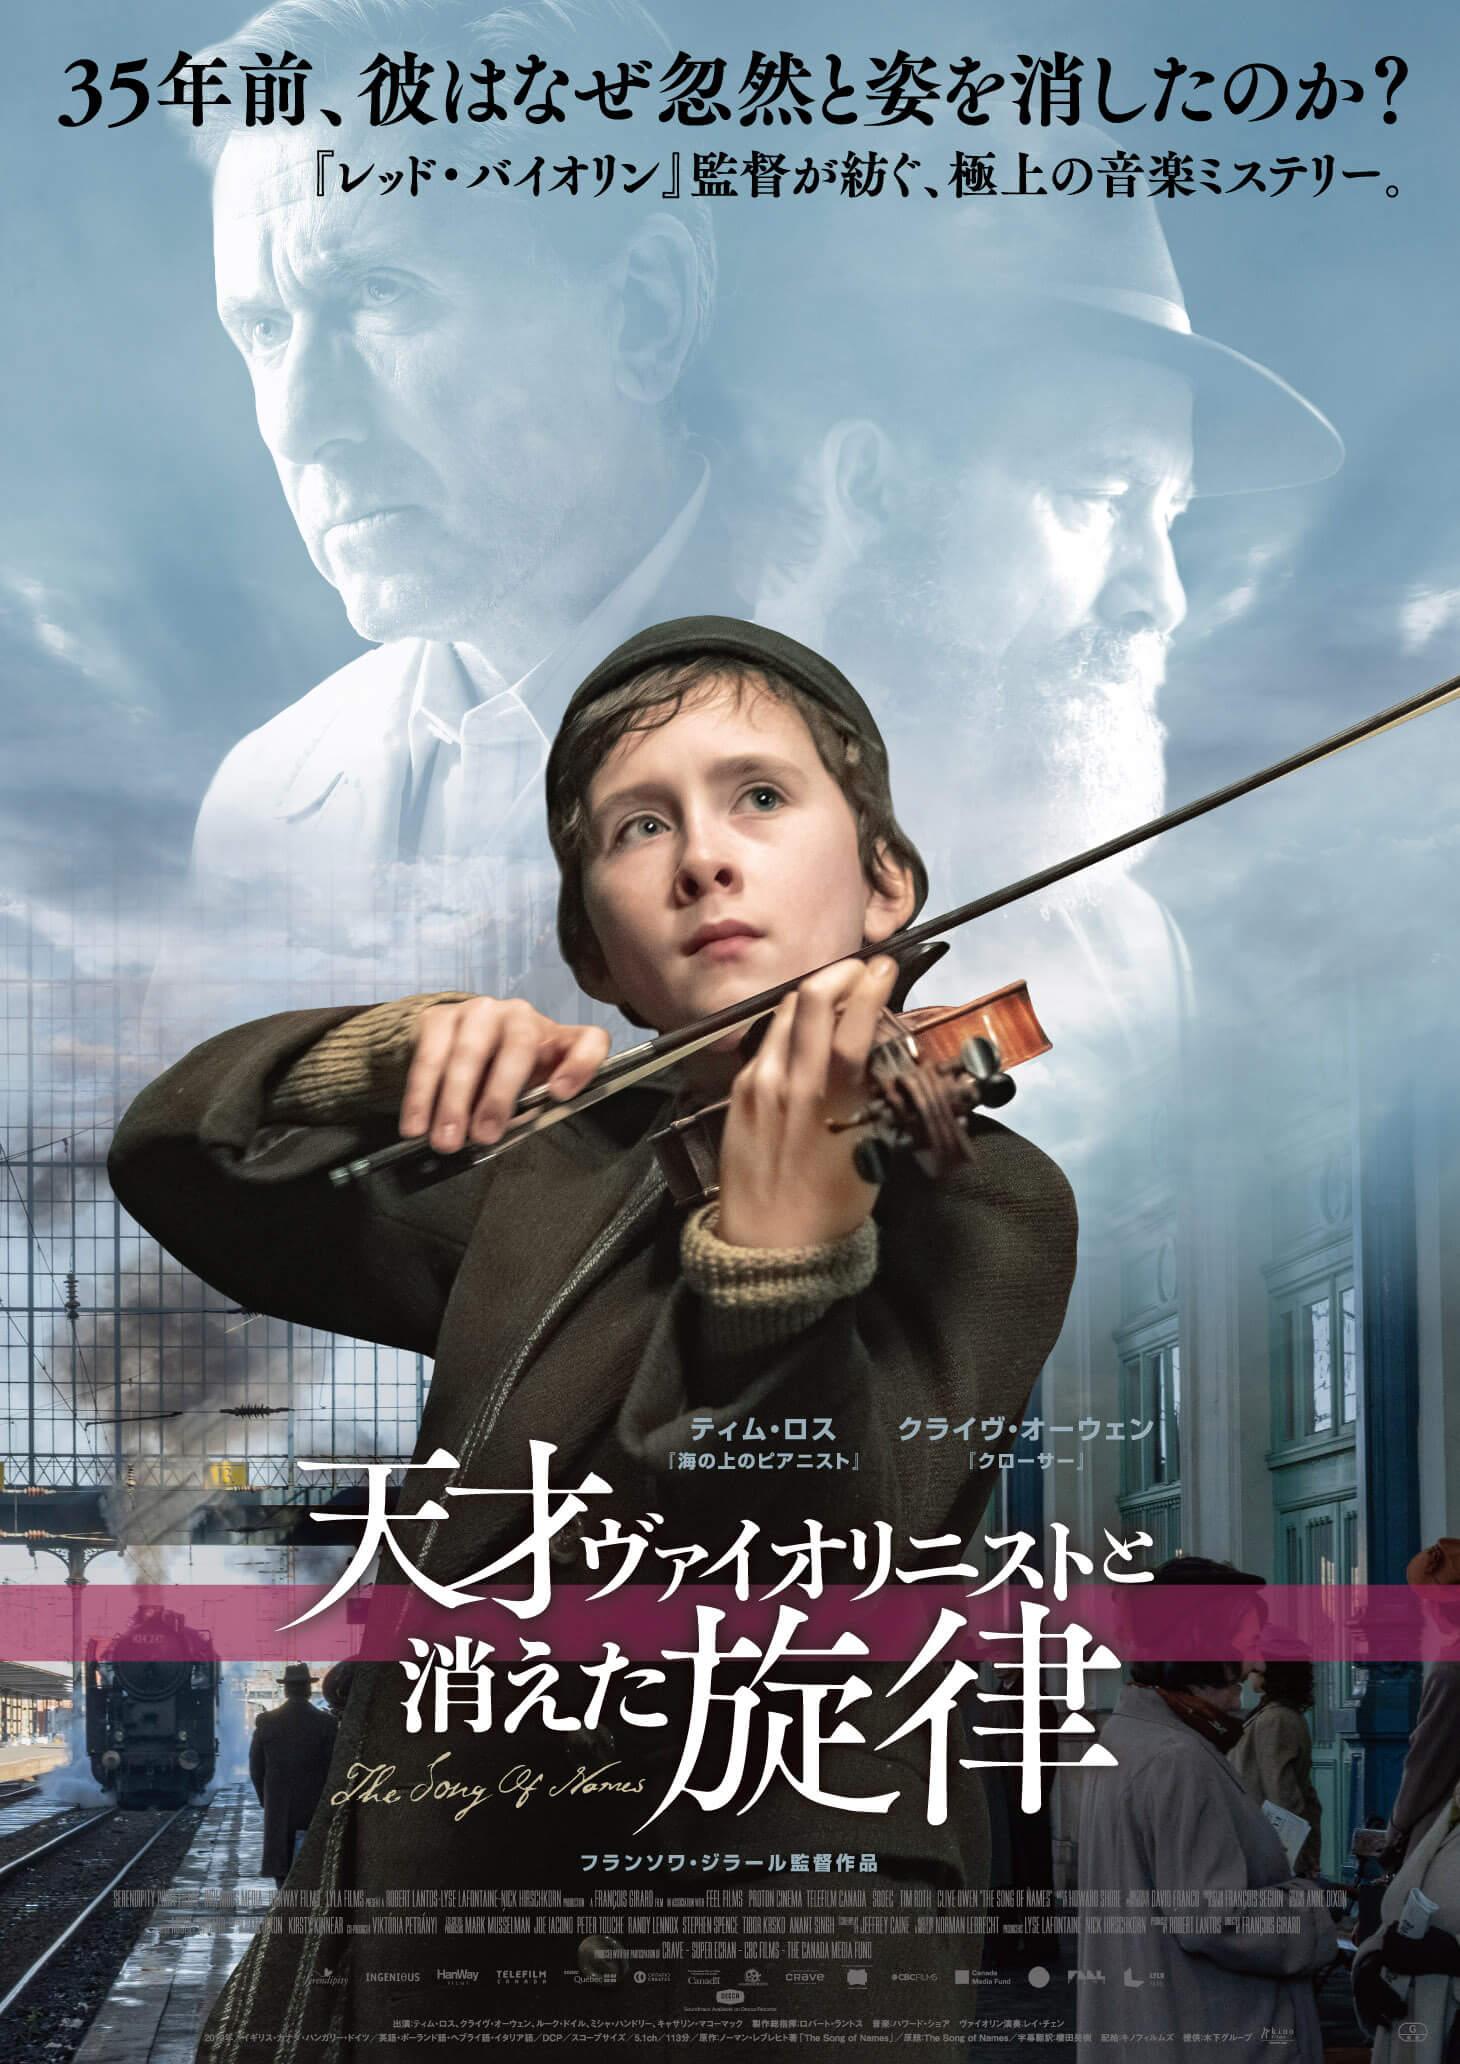 『天才ヴァイオリニストと消えた旋律』ポスター